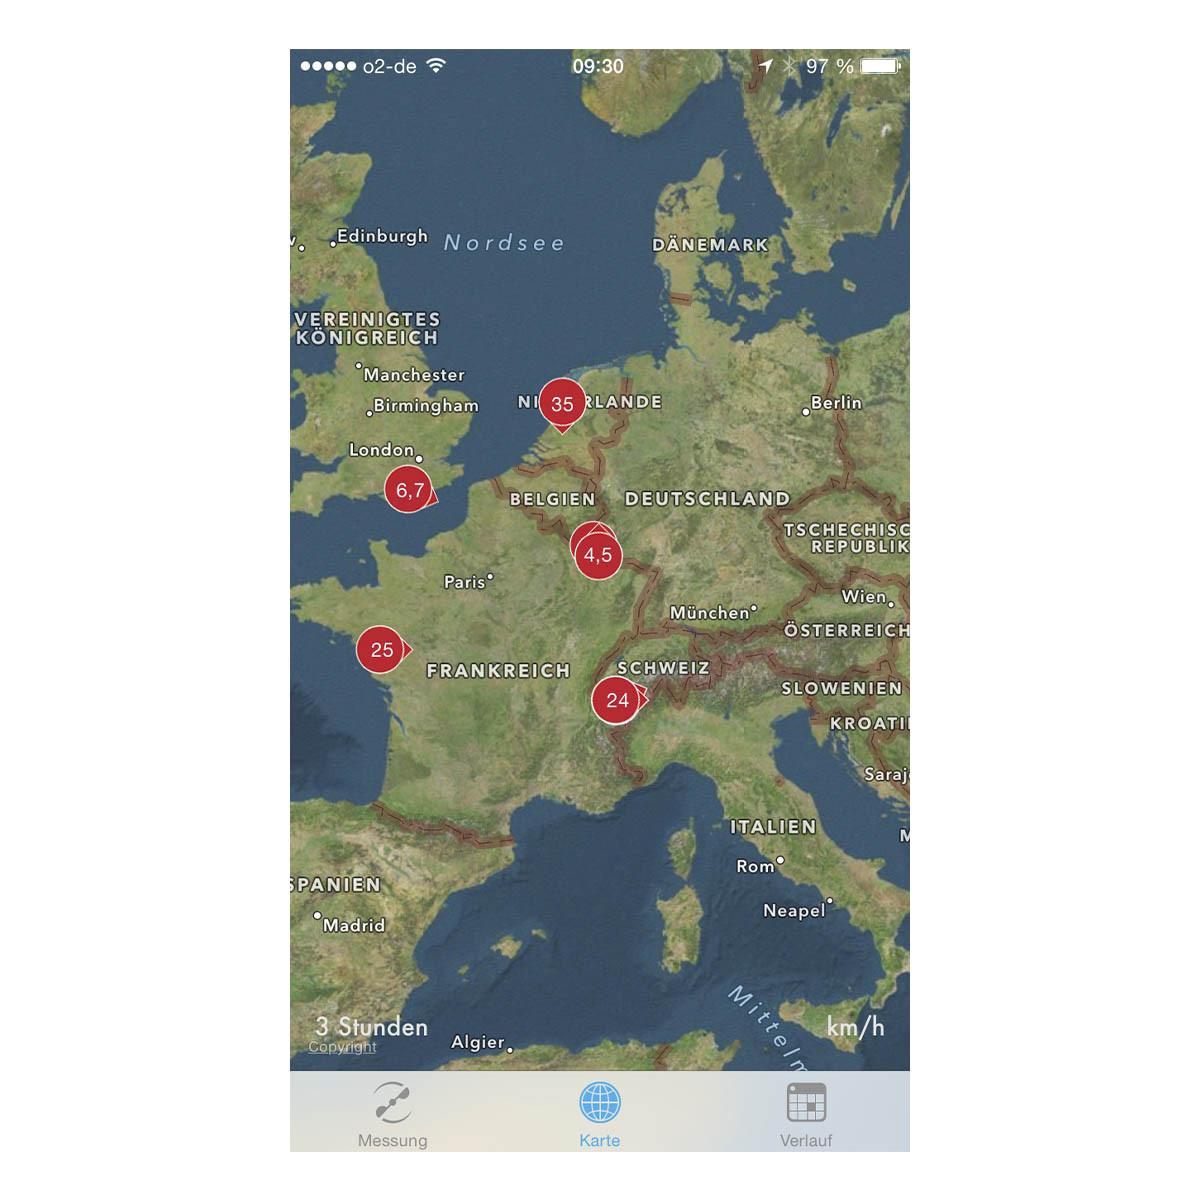 42-6002-05-windmesser-für-smartphones-vaavud-app-anwendung-1200x1200px.jpg